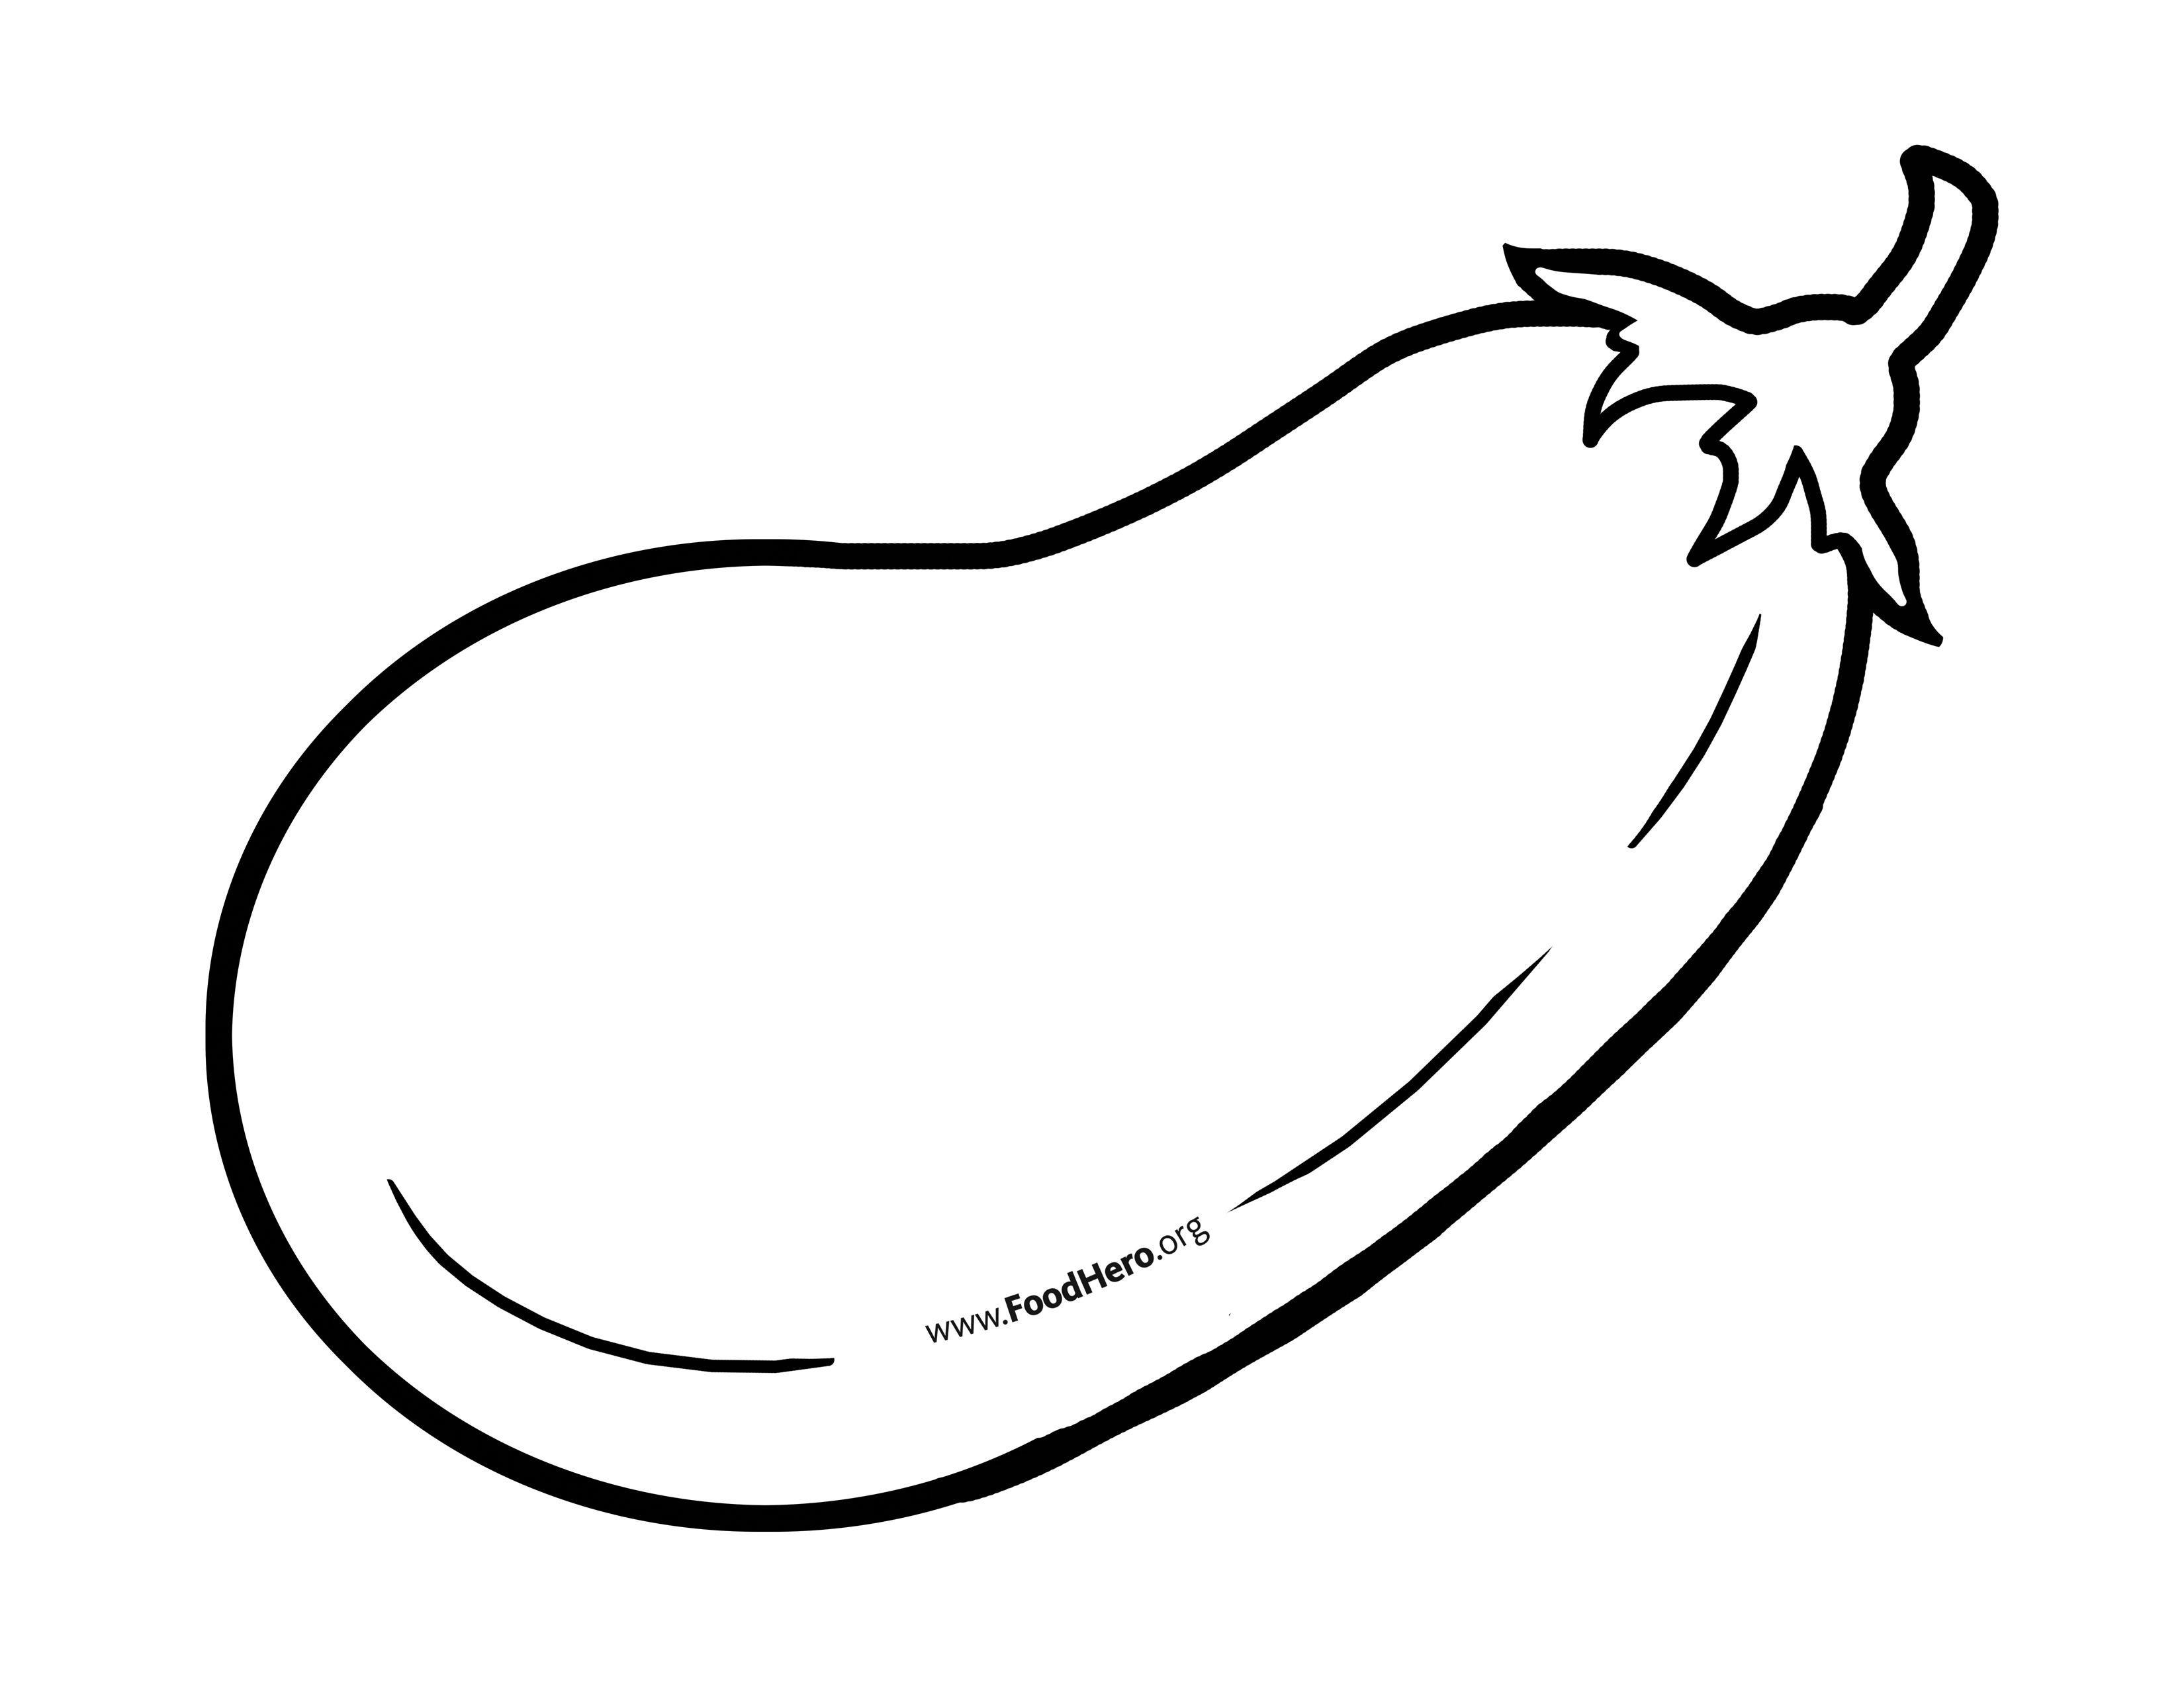 Food outline clipart banner download Eggplant Outline   Food Hero #blackline #illustration #eggplant ... banner download